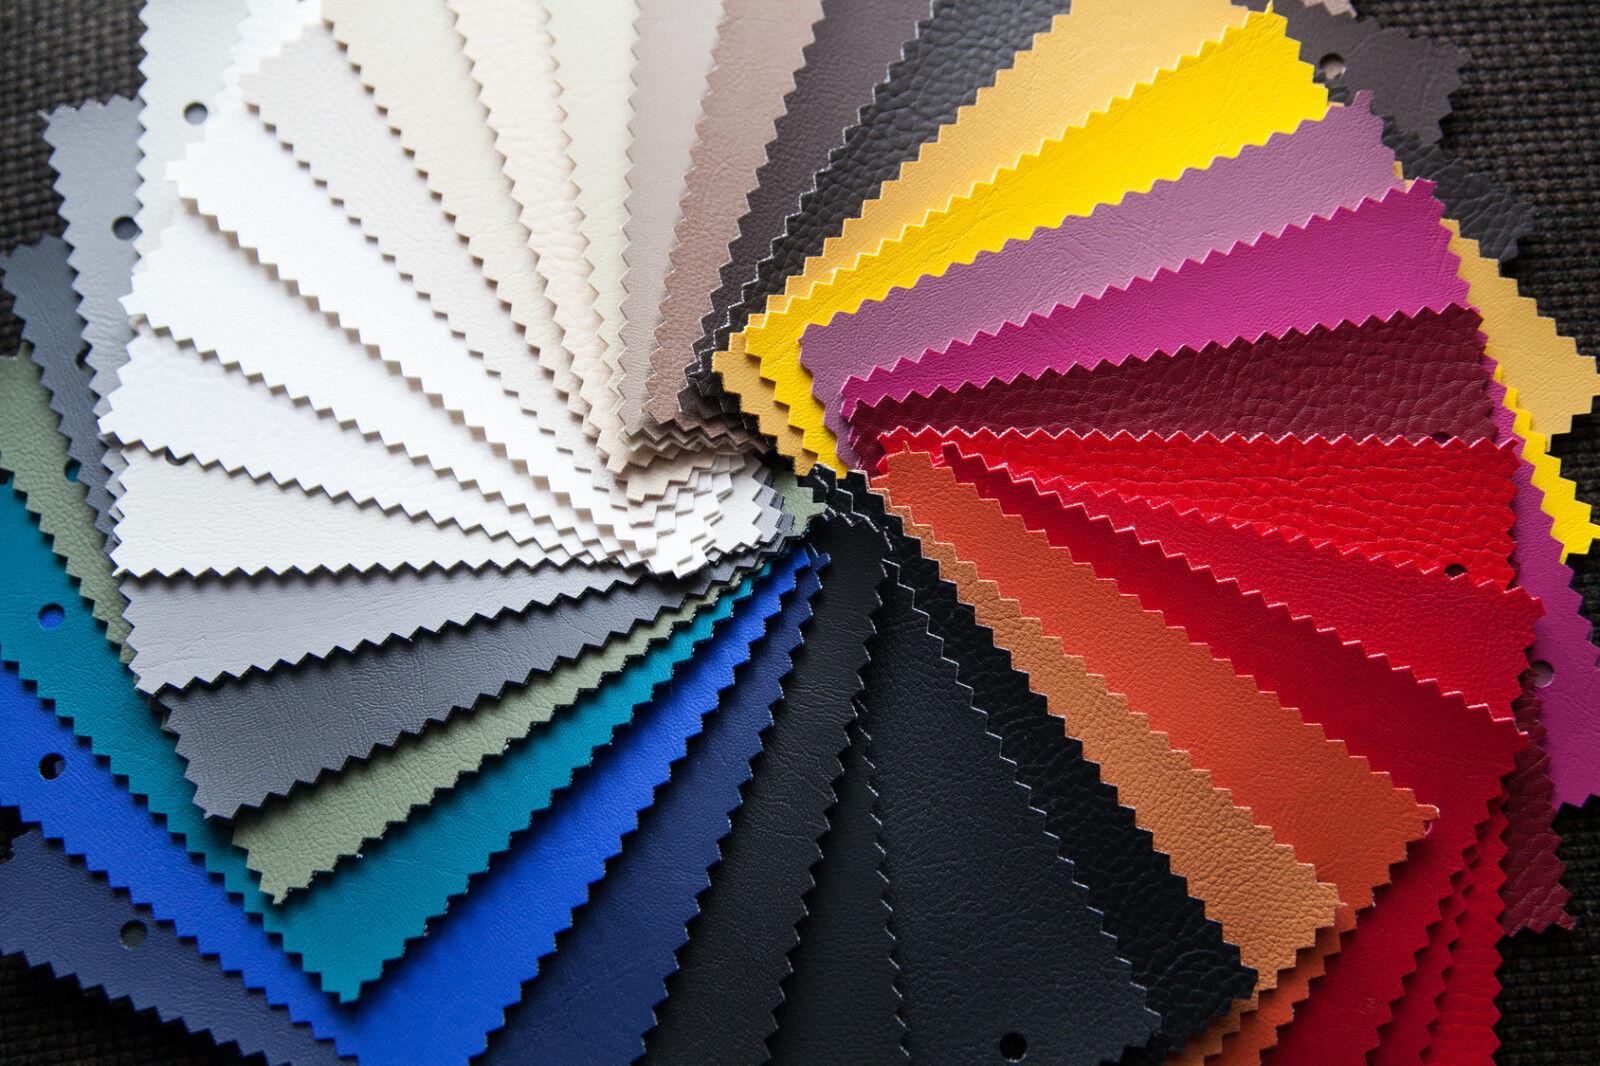 Kunstleder DOLARO Leder Sitzbezug Möbel Textil Meterware Polster Stoff PVC 140